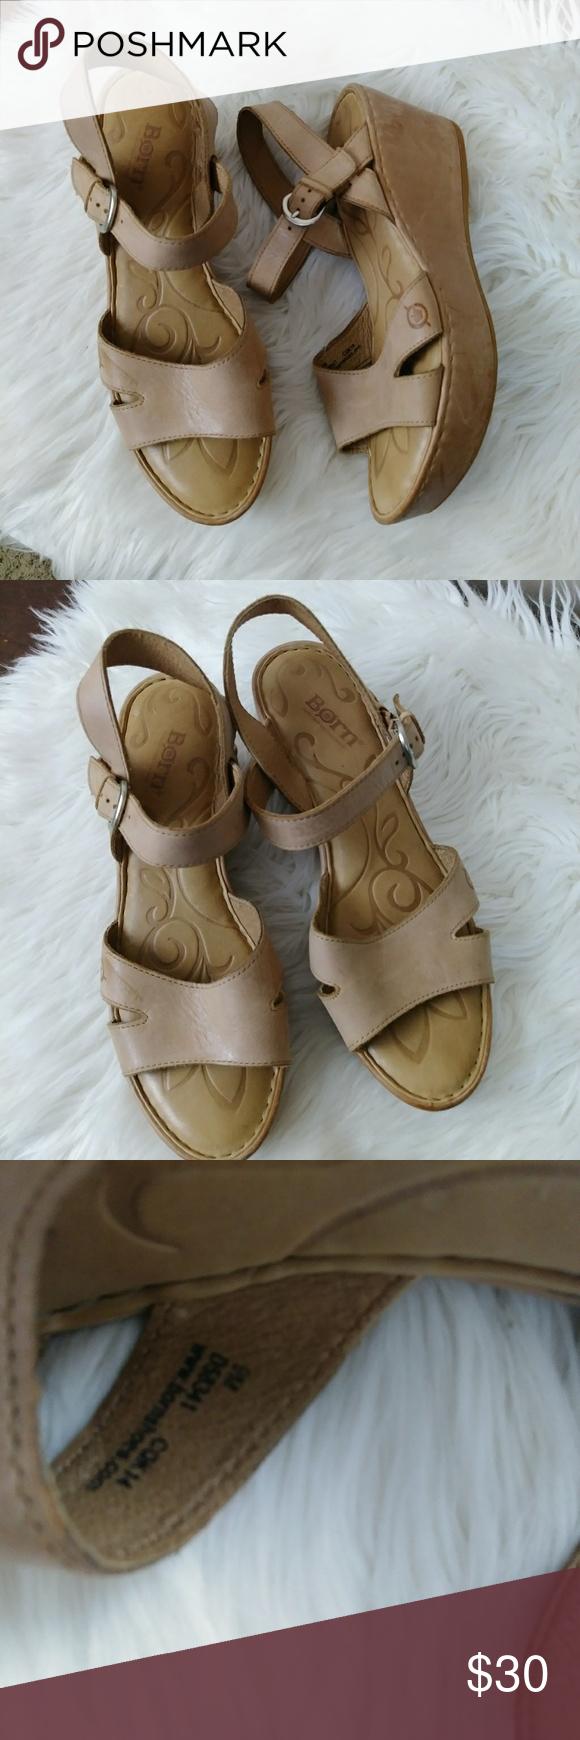 f3c53f906b1 Born tan leather wedge sandals Born light nude tan colored leather block  wedge sandals. Buckle